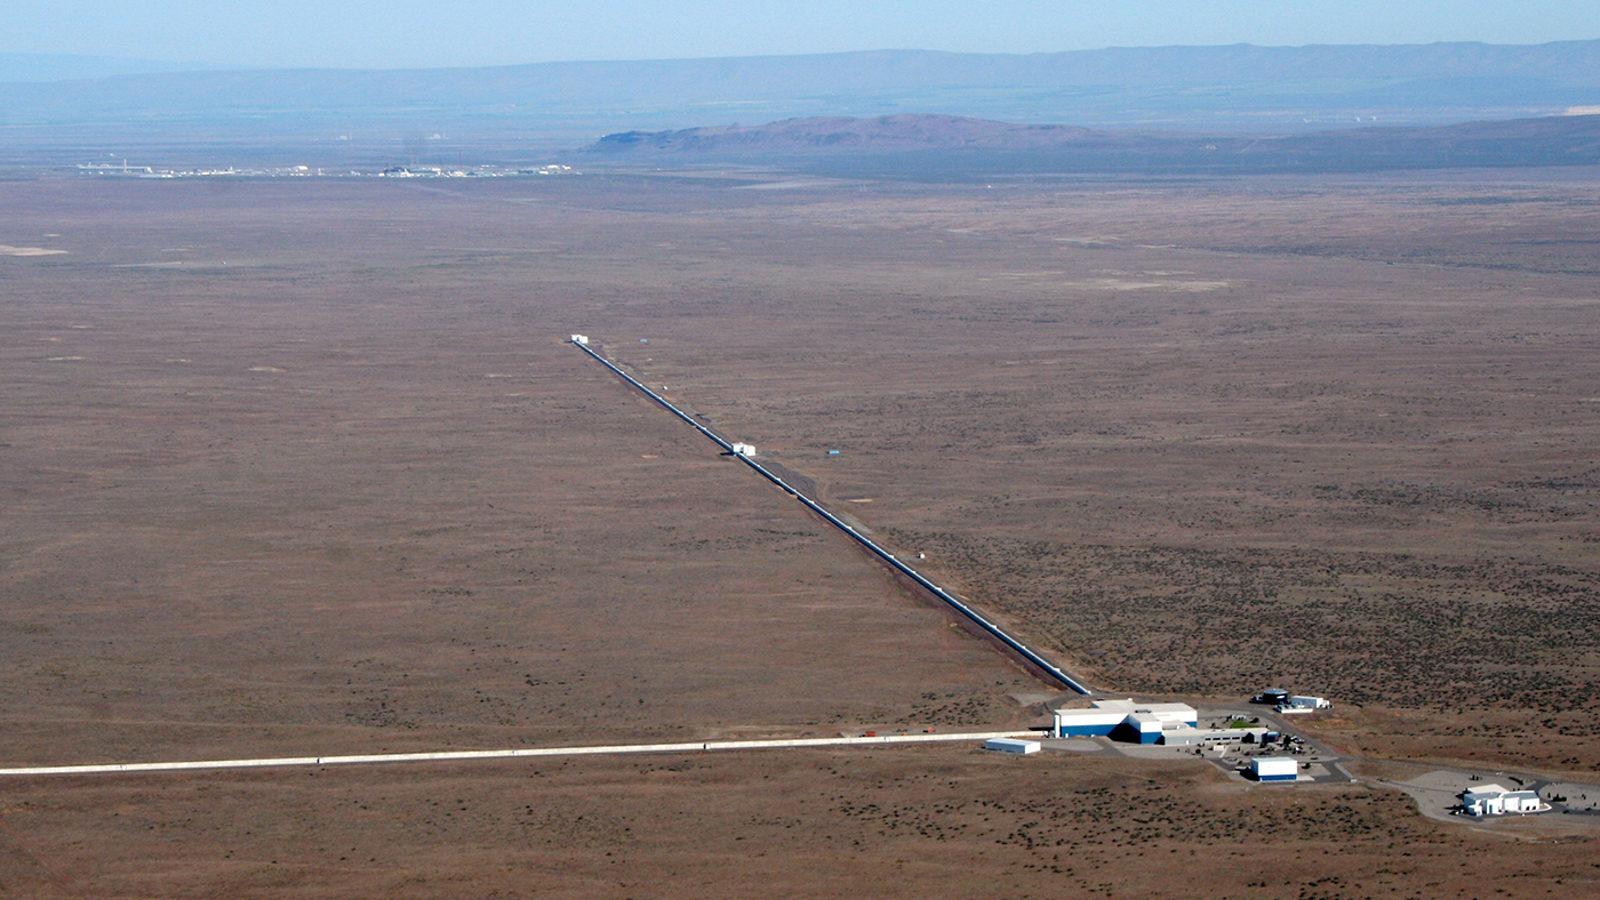 Photo: LIGO aerial